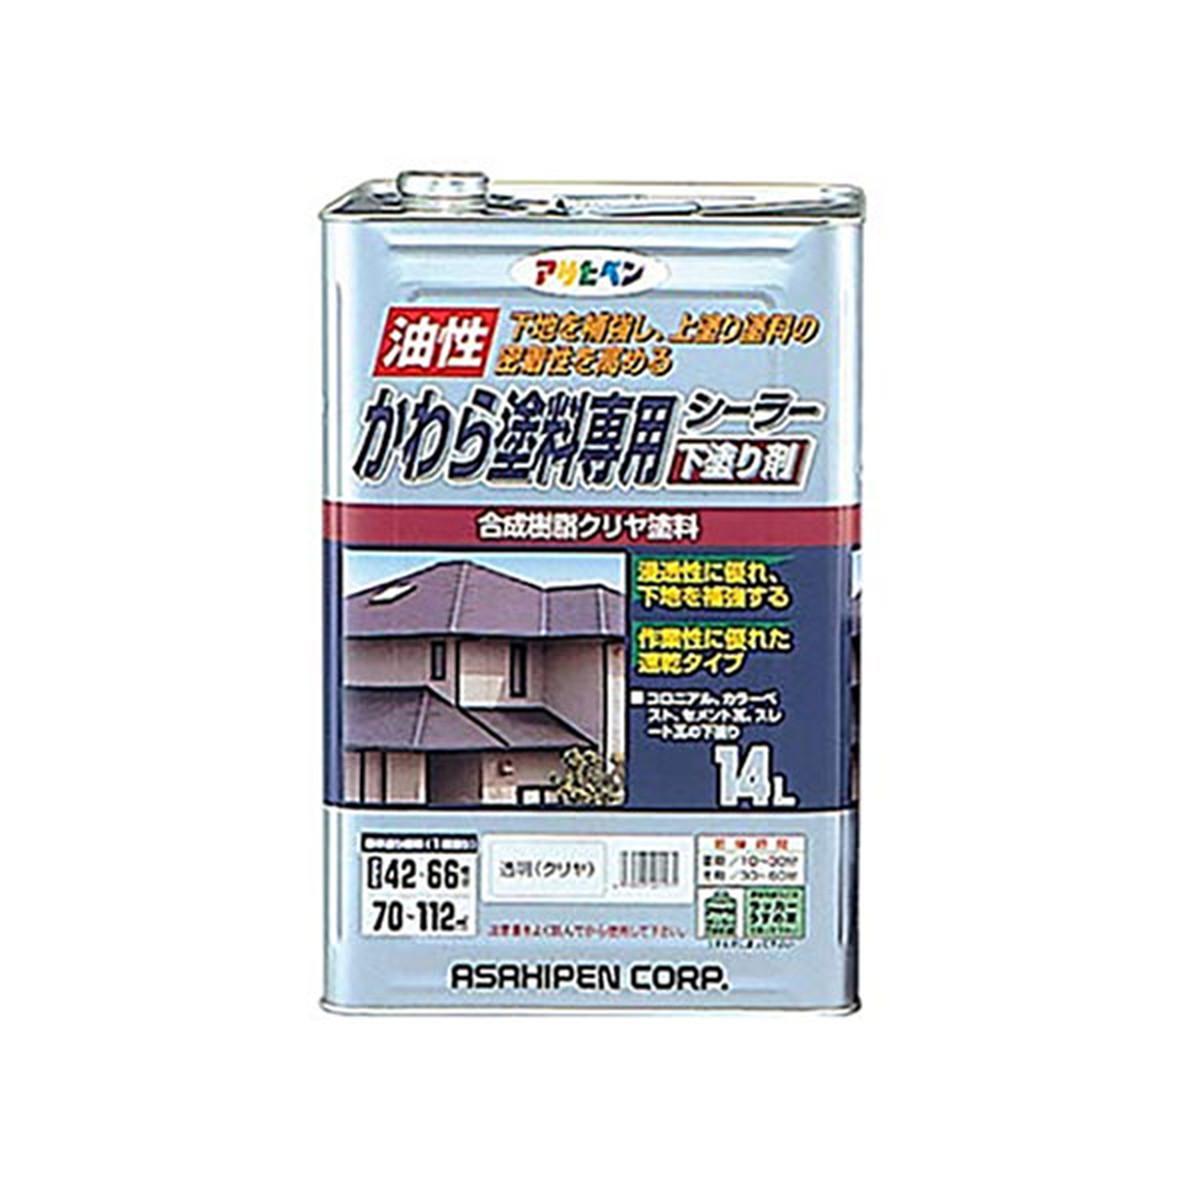 アサヒペン かわら塗料専用シーラー 14L 透明(クリヤ) 14L【クーポン配布中】